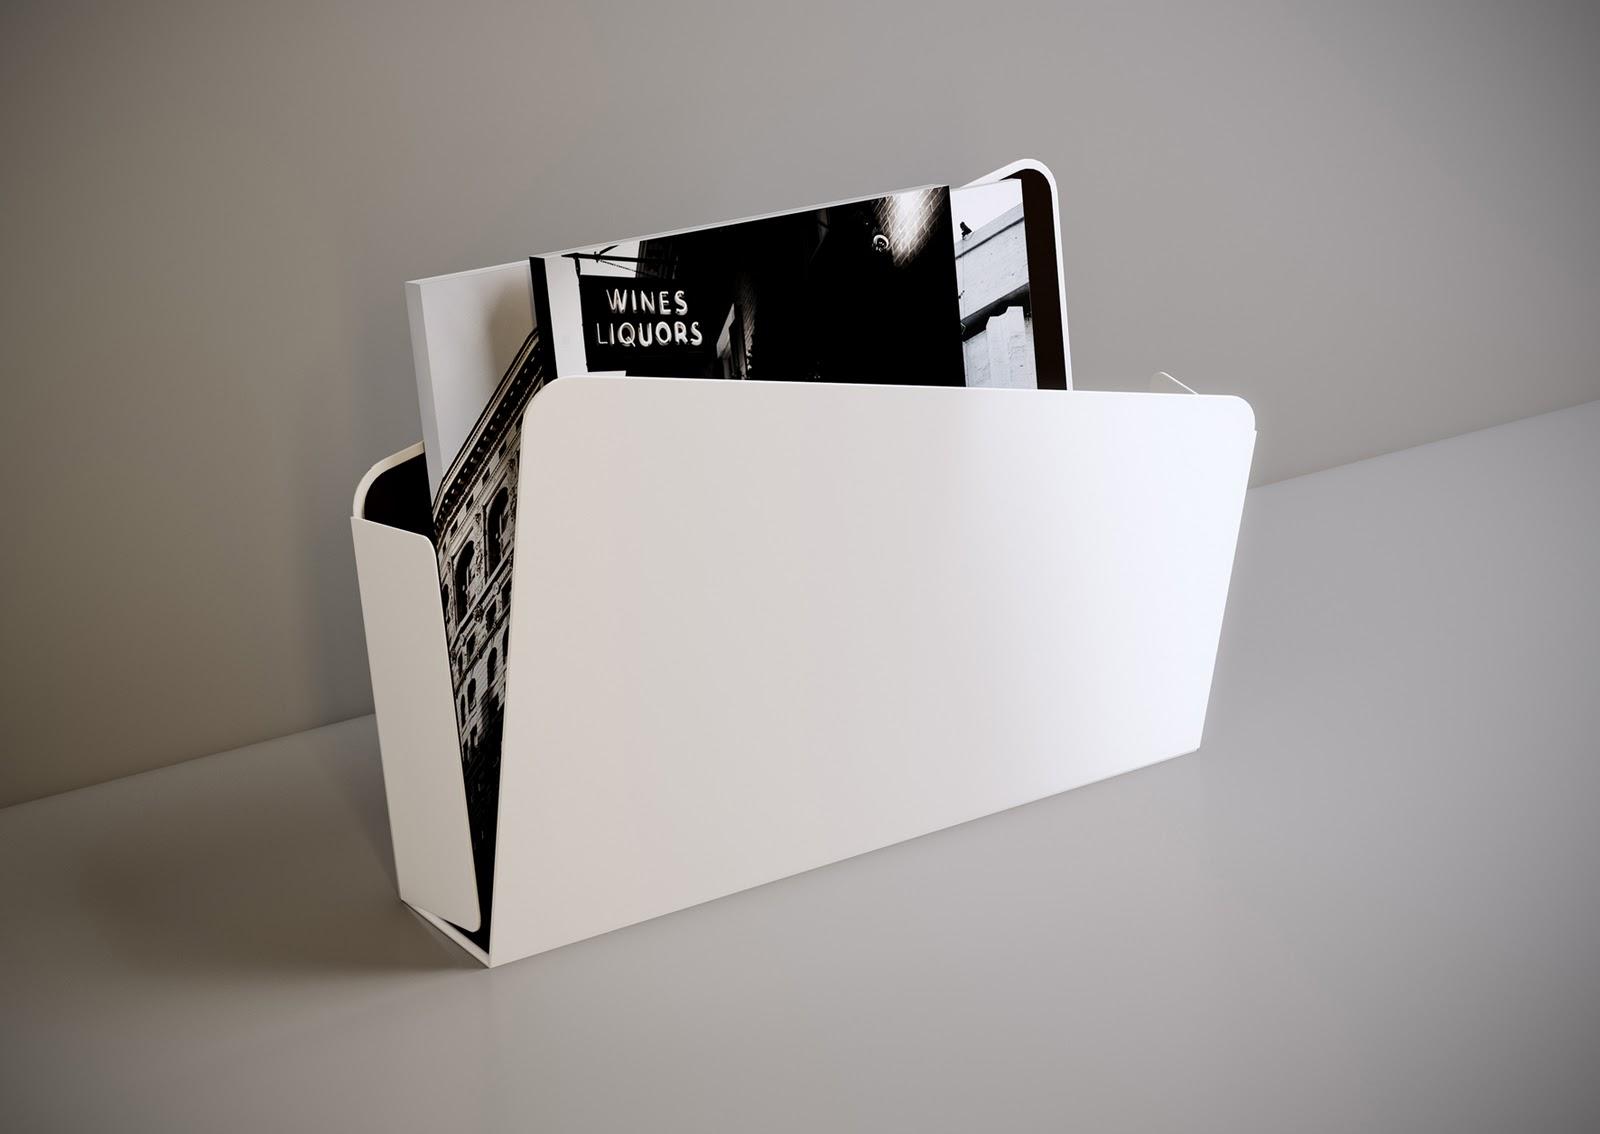 Bertocci accessori bagno adesivi per piastrelle bagno mobili arredo bagno roma progetti bagno - Mosaici bagno economici ...